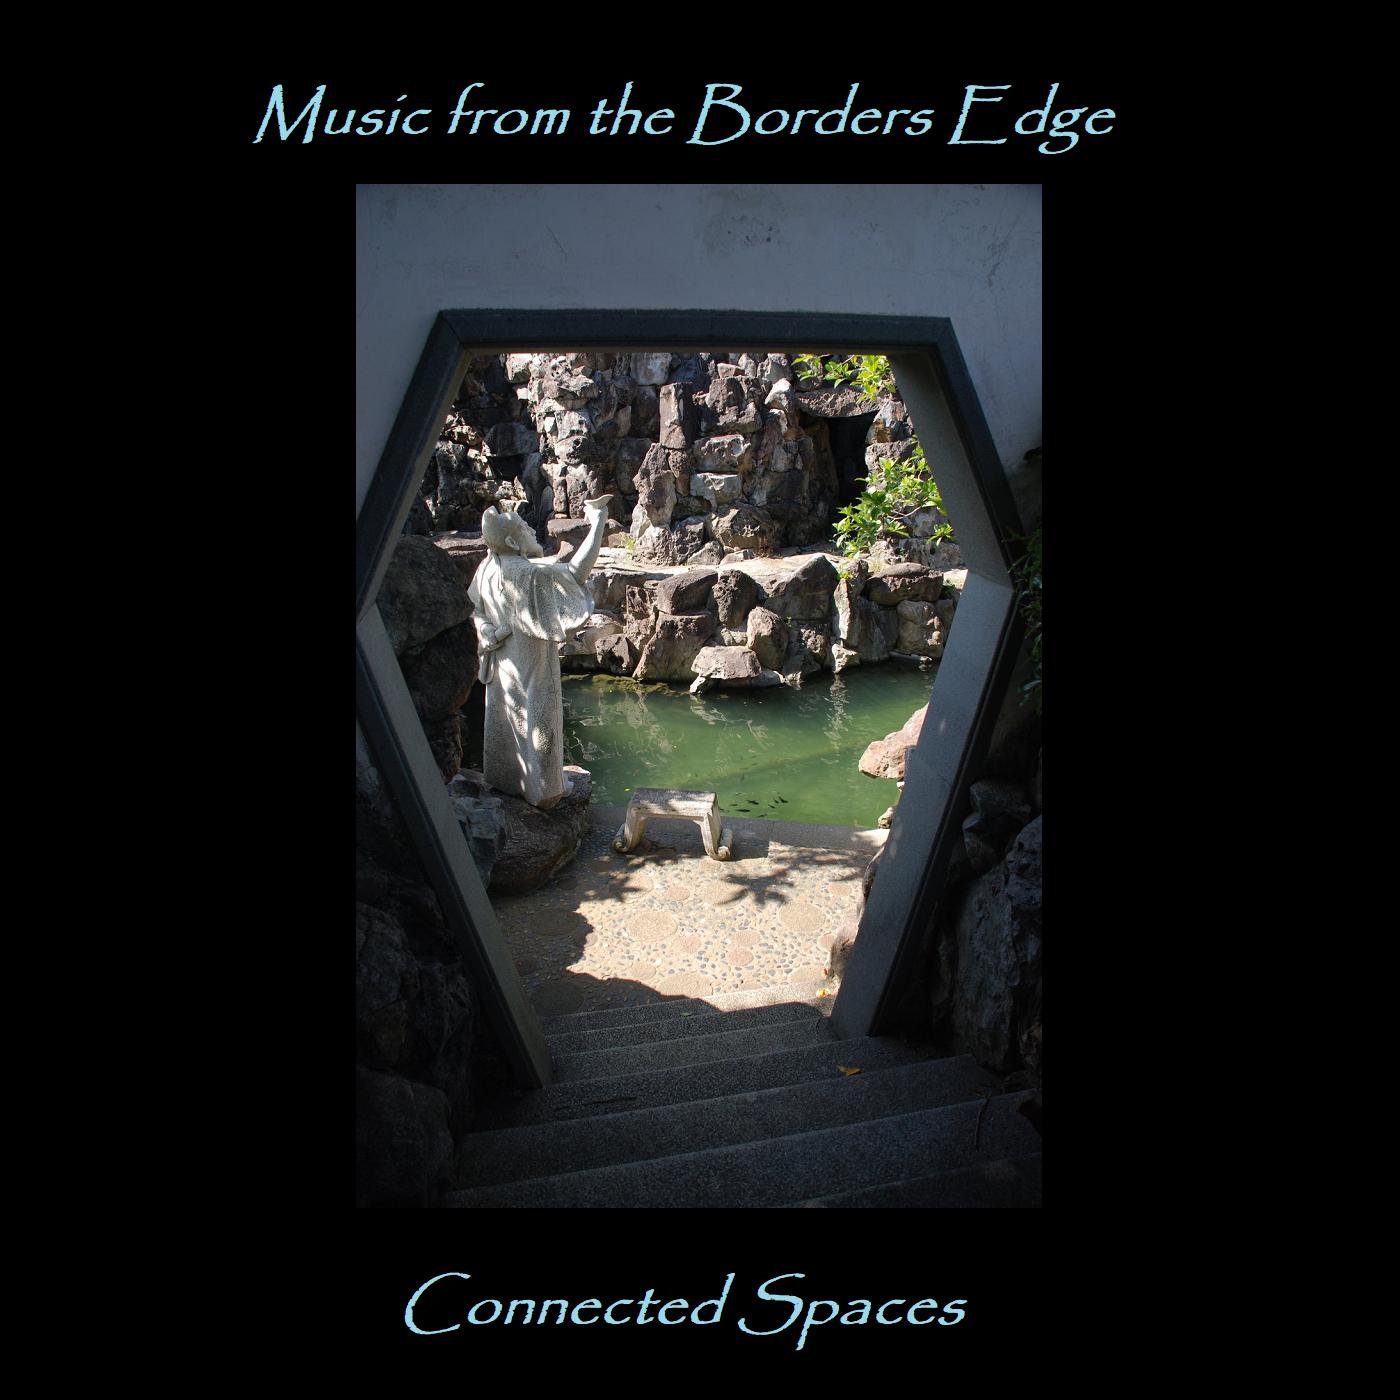 https://bordersedge.bandcamp.com/album/connected-spaces